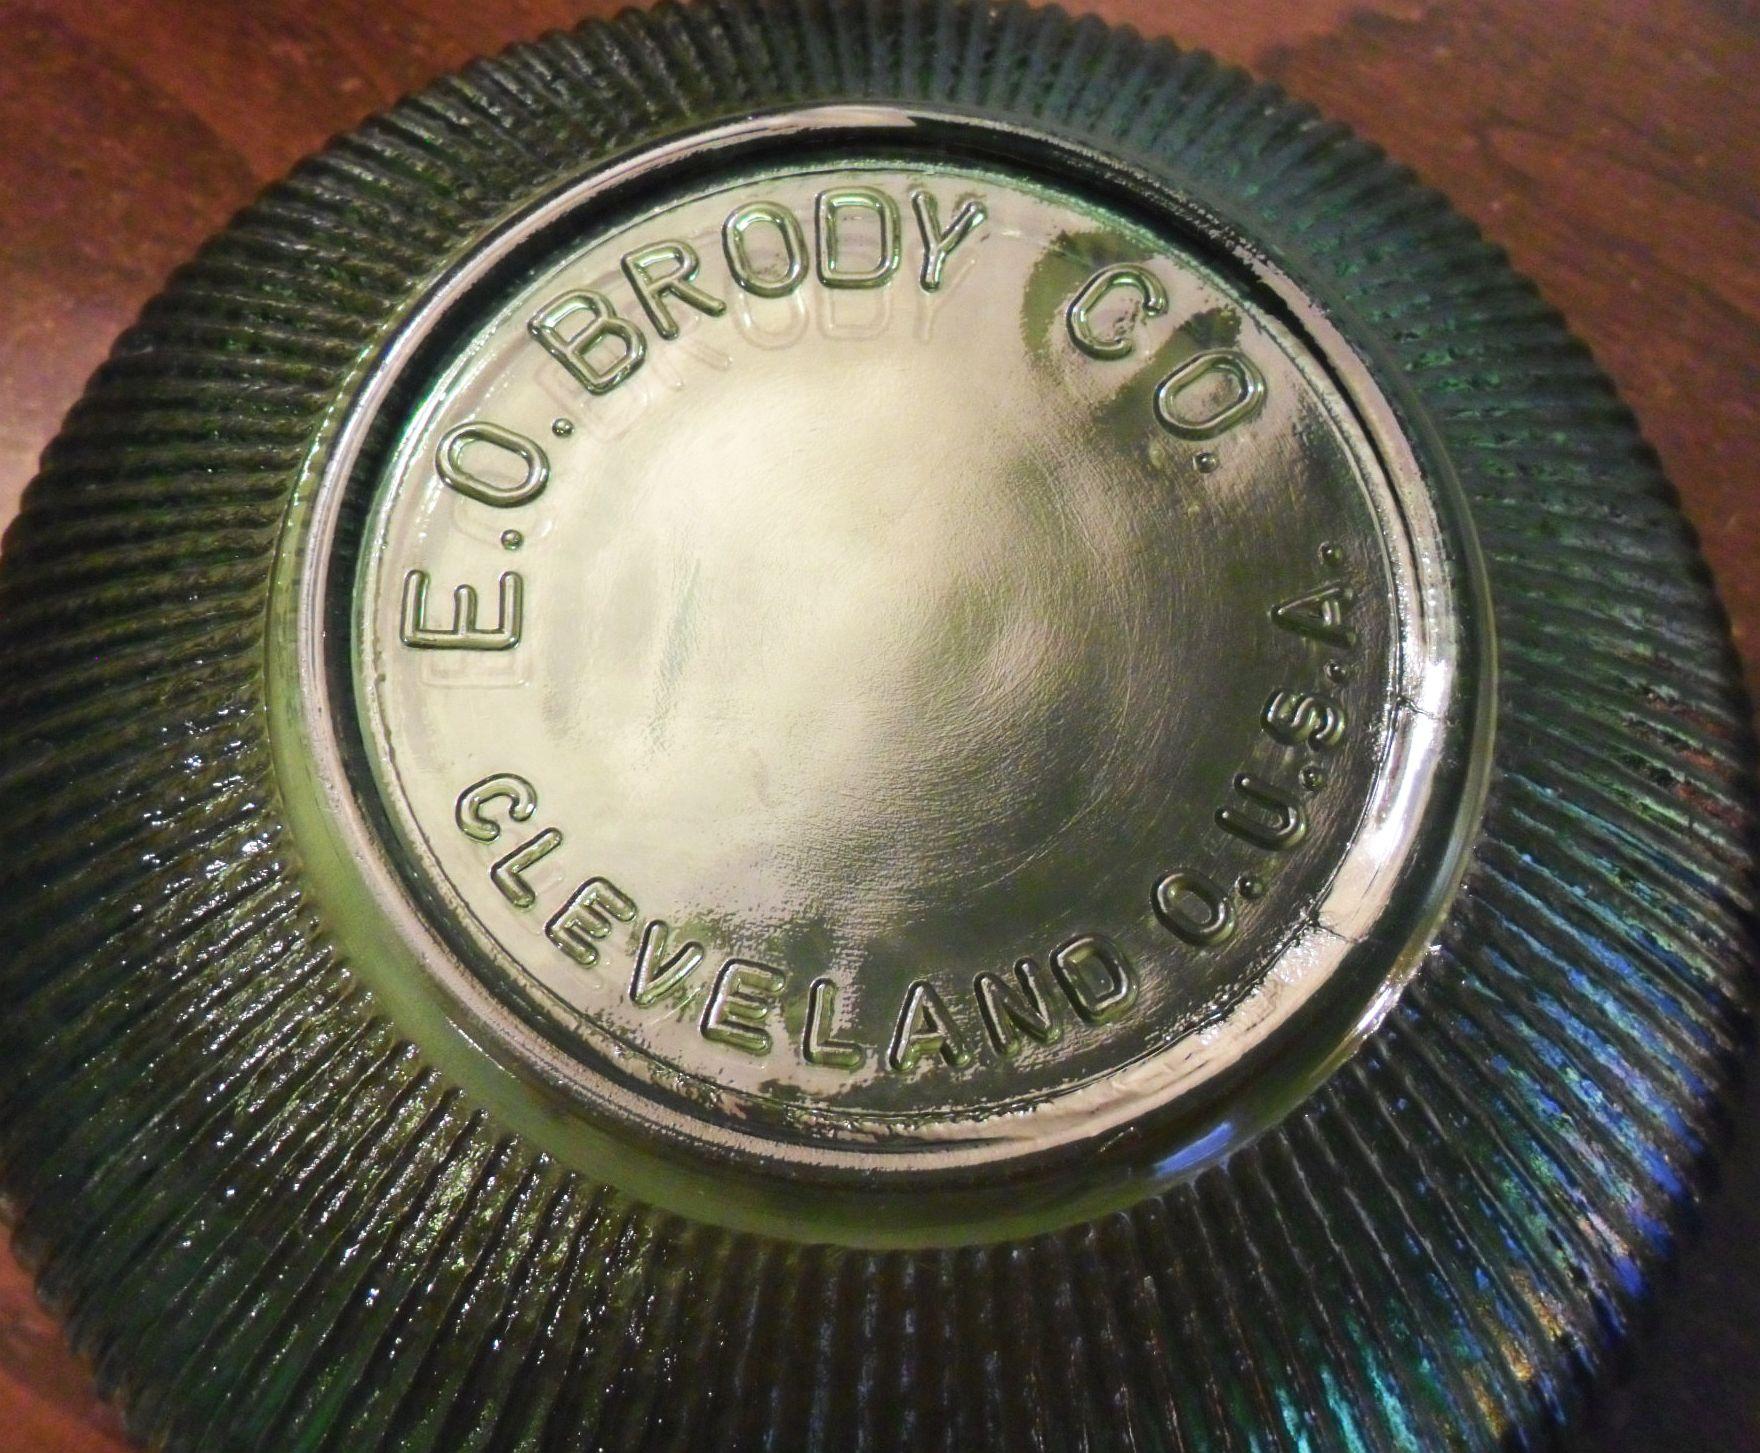 E o brody company cleveland ohio e o brody co cleveland o mark on ribbed bowl circa 1960s or reviewsmspy